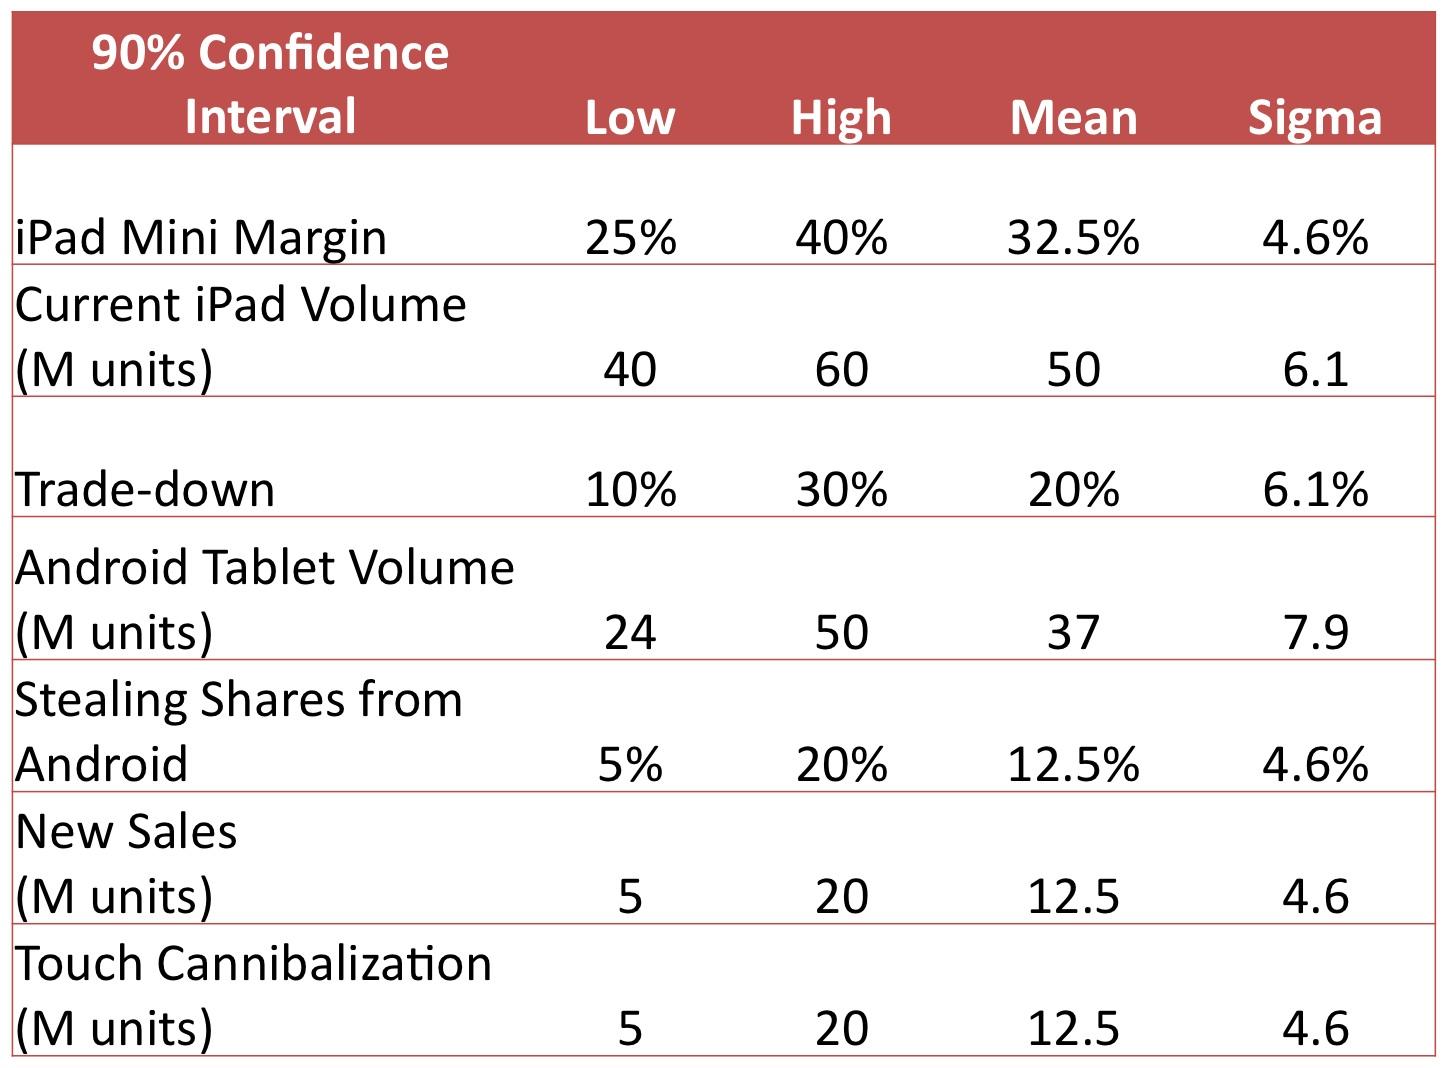 iPad margins